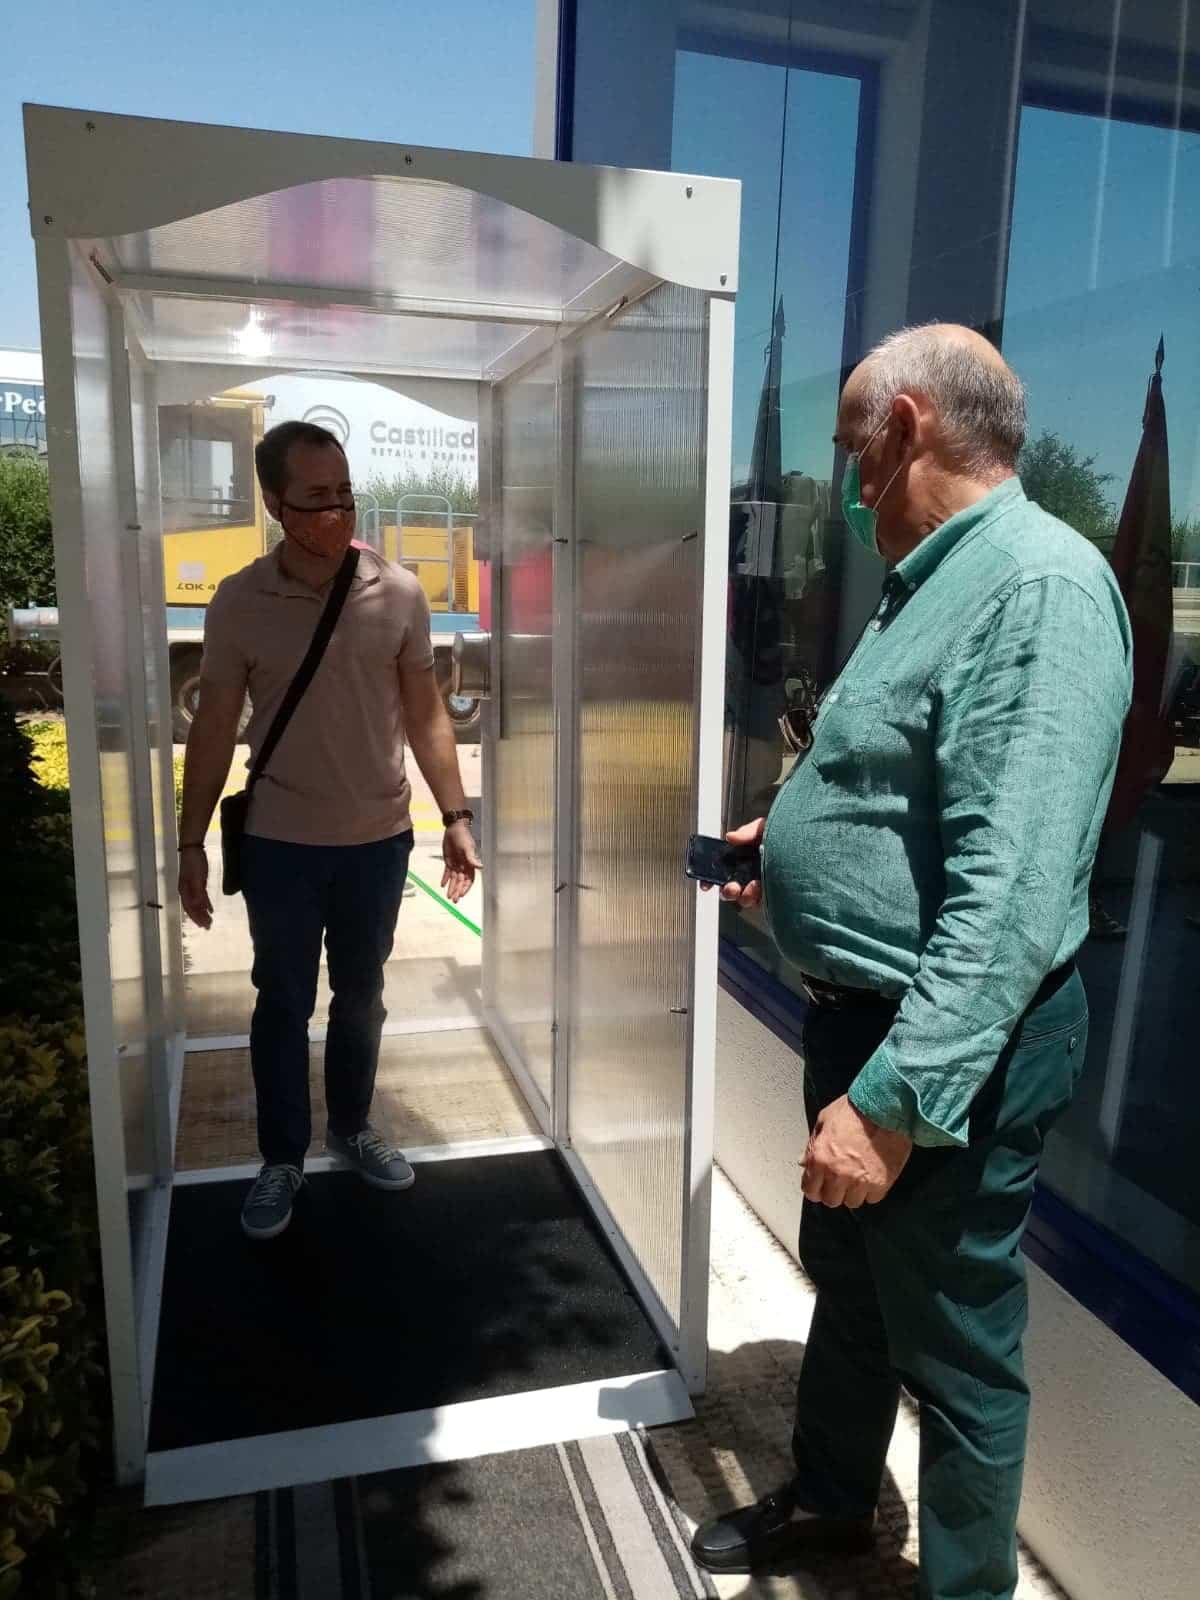 Visita de Alcalde a las instalaciones de TSD Technology & Security Developments 11